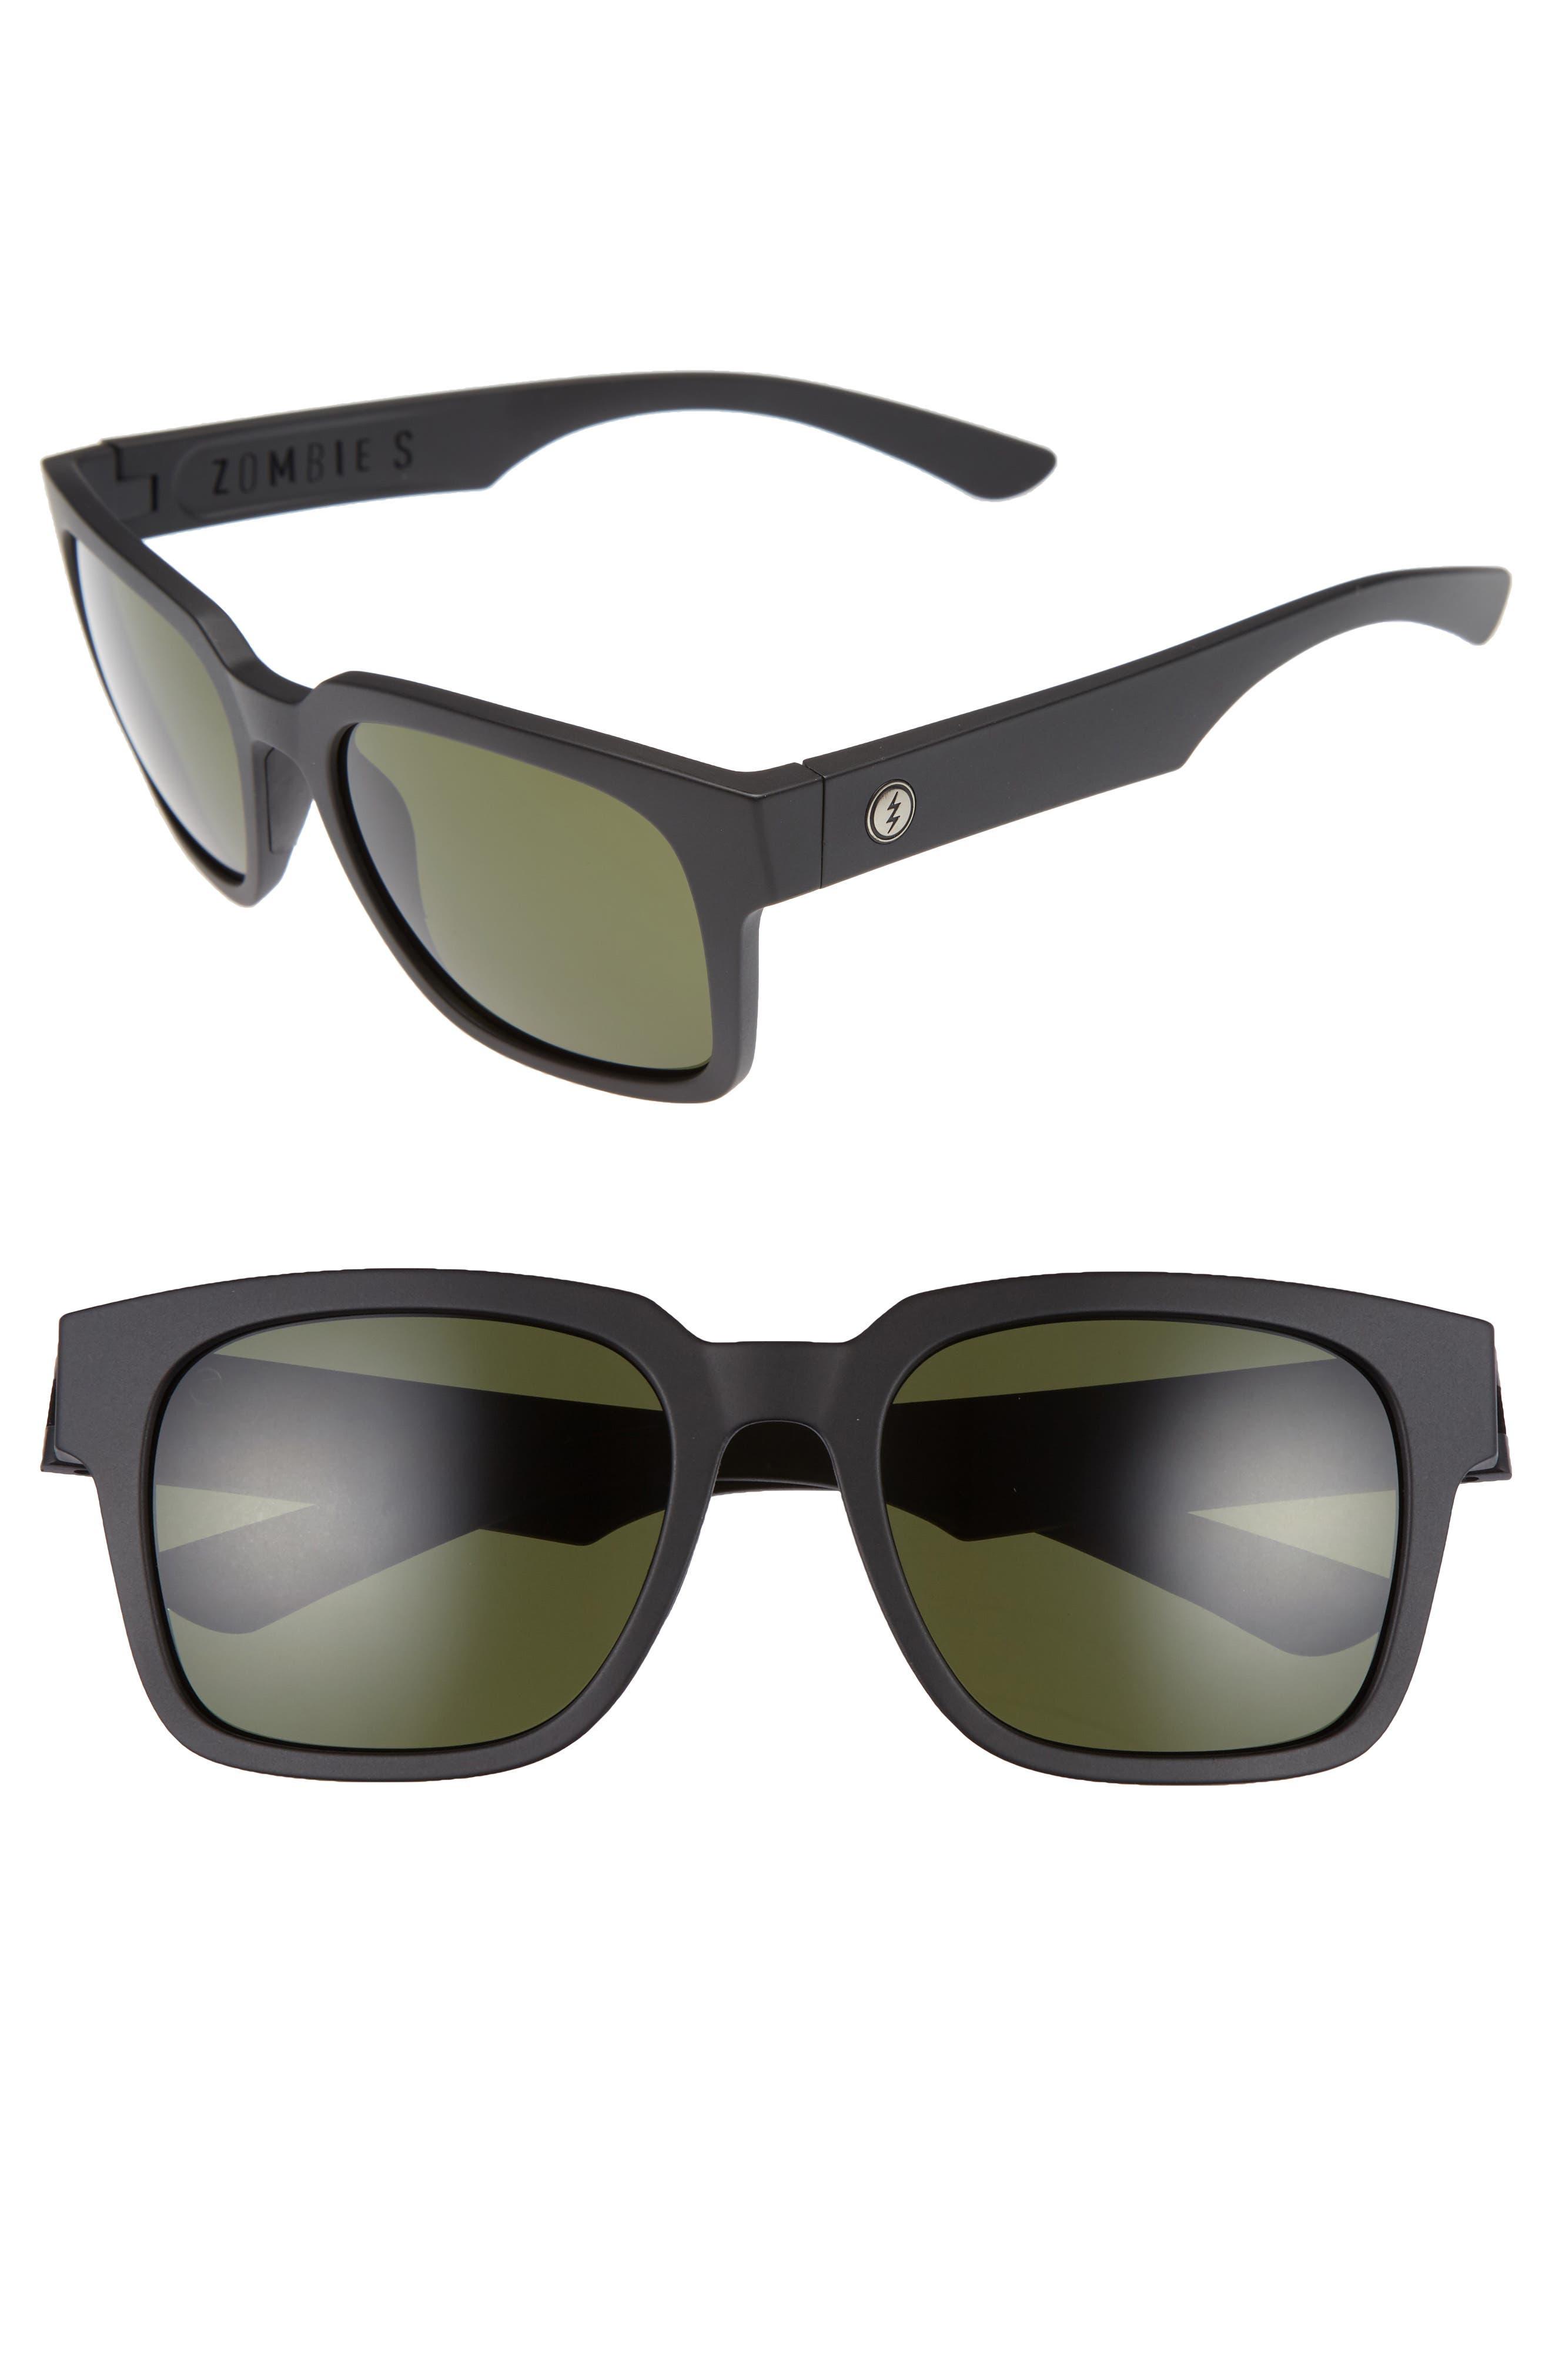 Zombie S 52mm Sunglasses,                             Main thumbnail 1, color,                             MATTE BLACK/ GREY